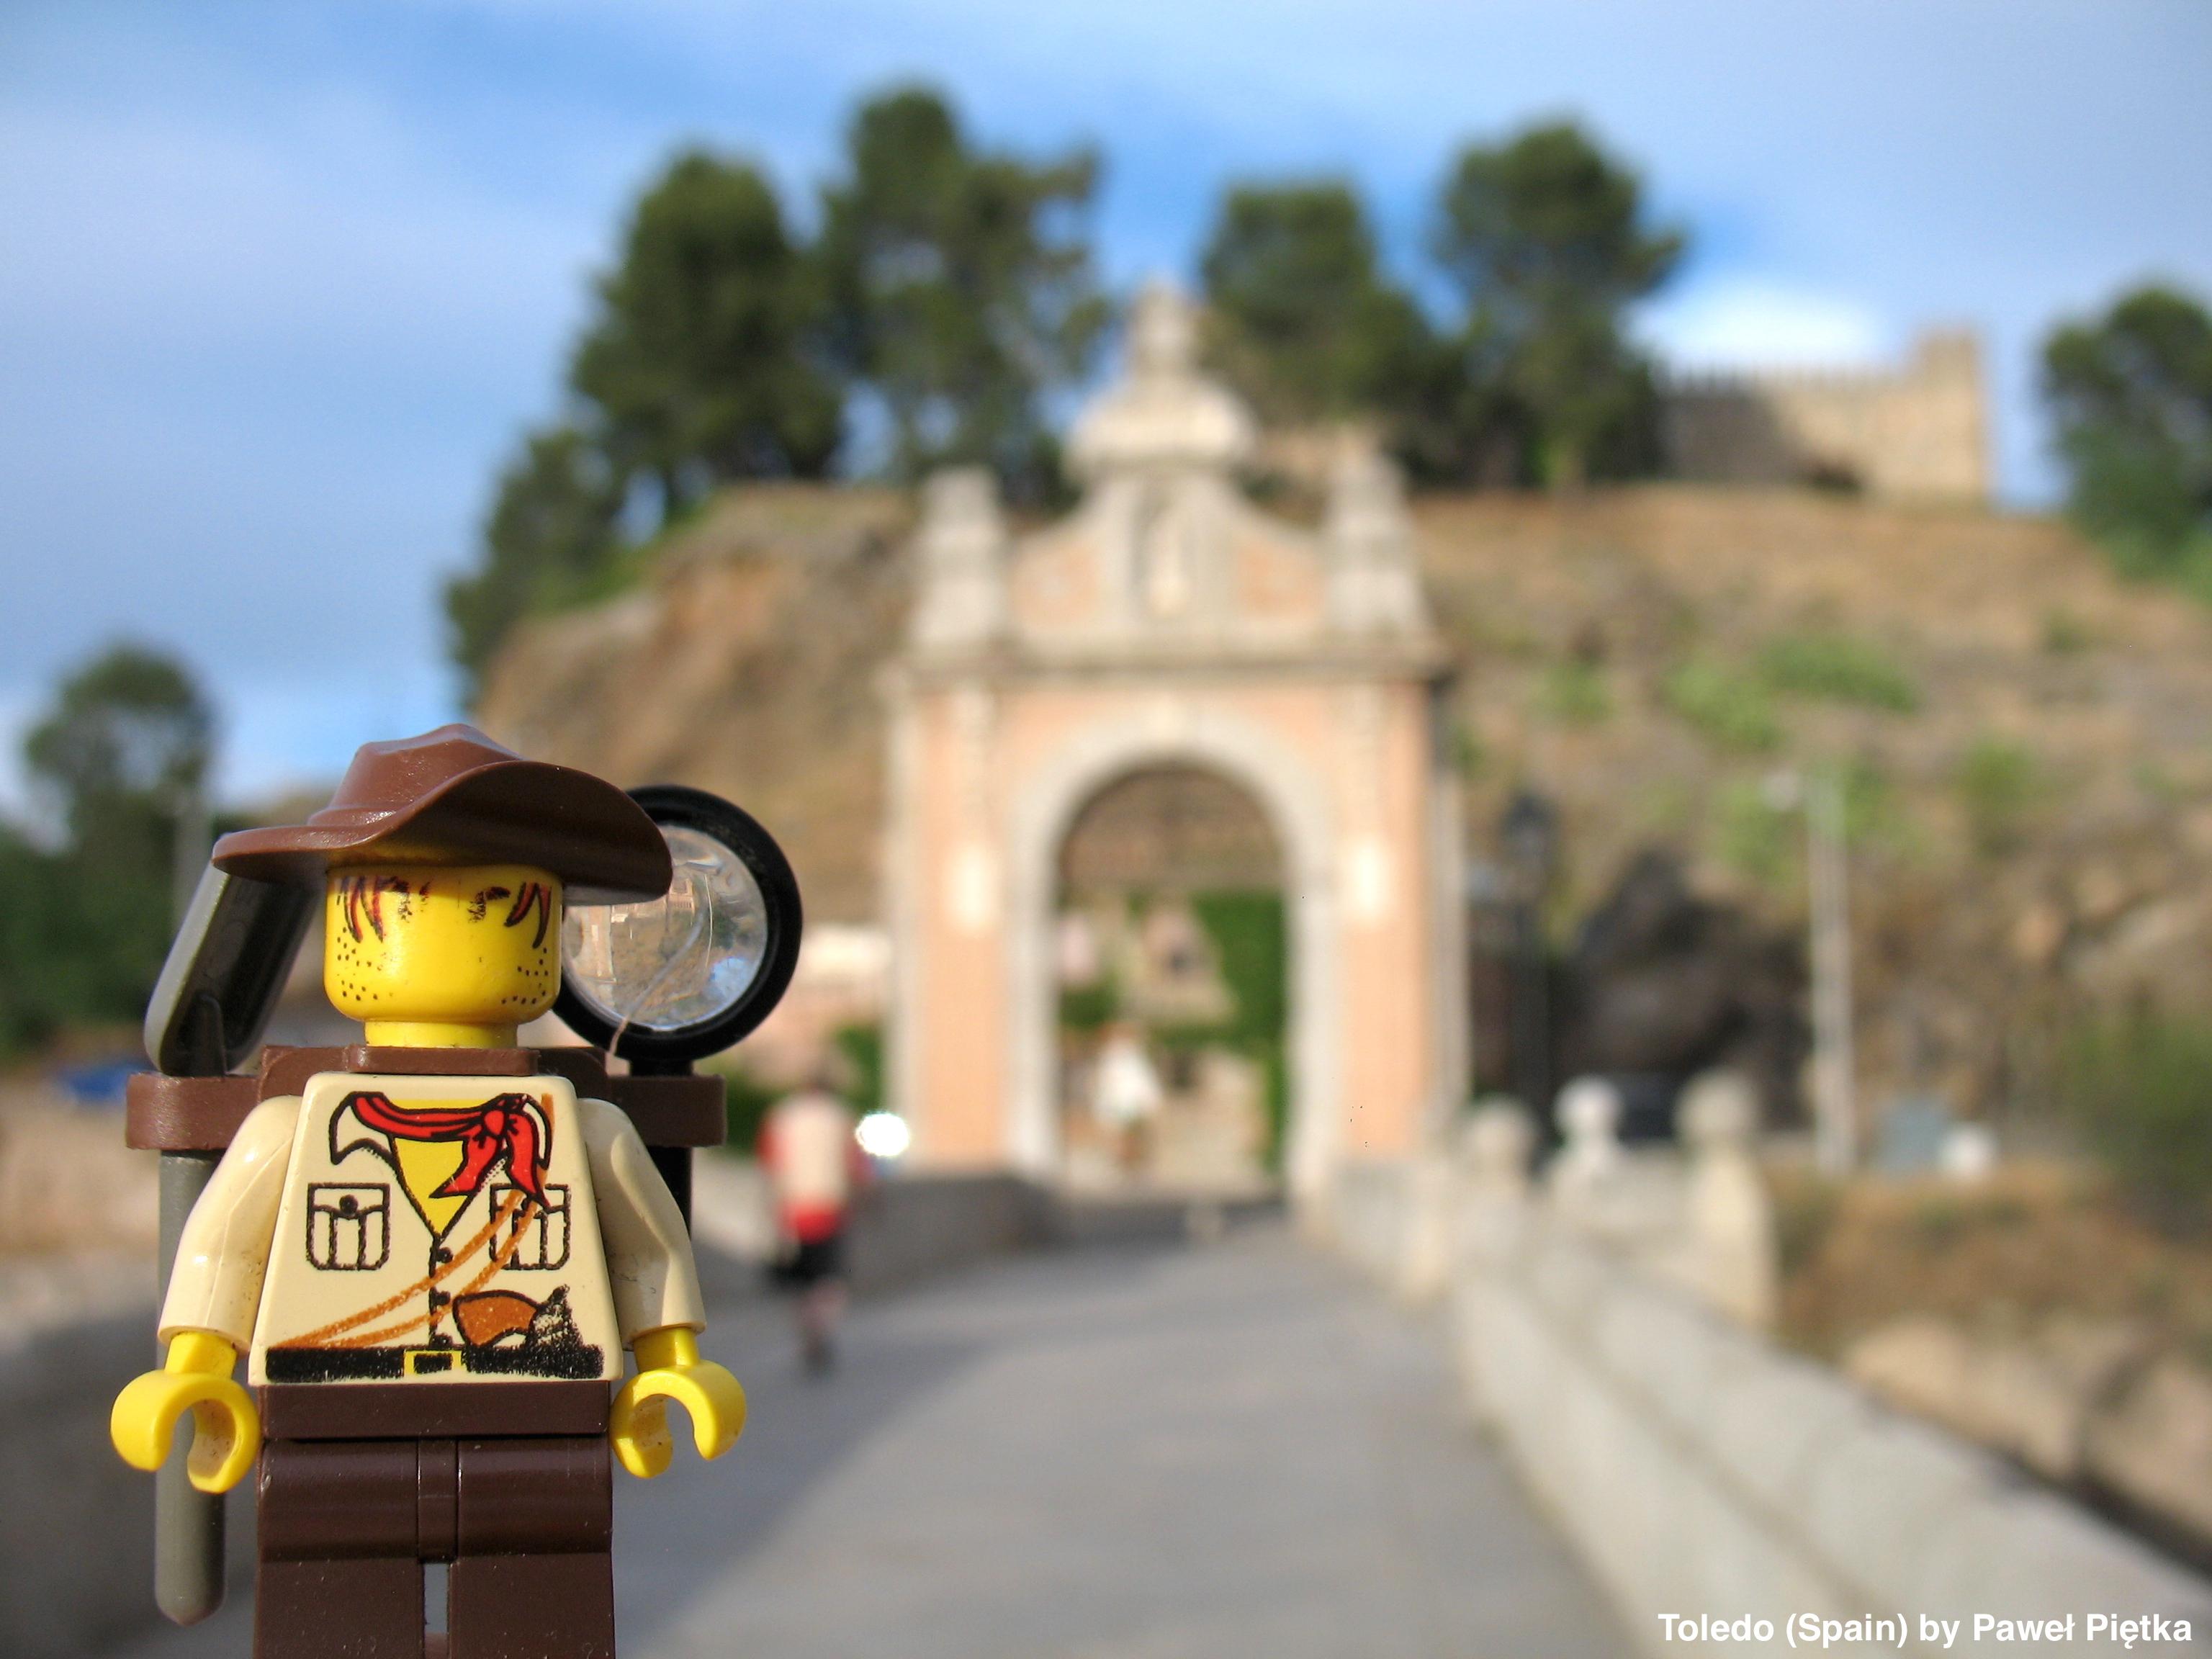 Toledo (Spain) - Puente de Alcantara